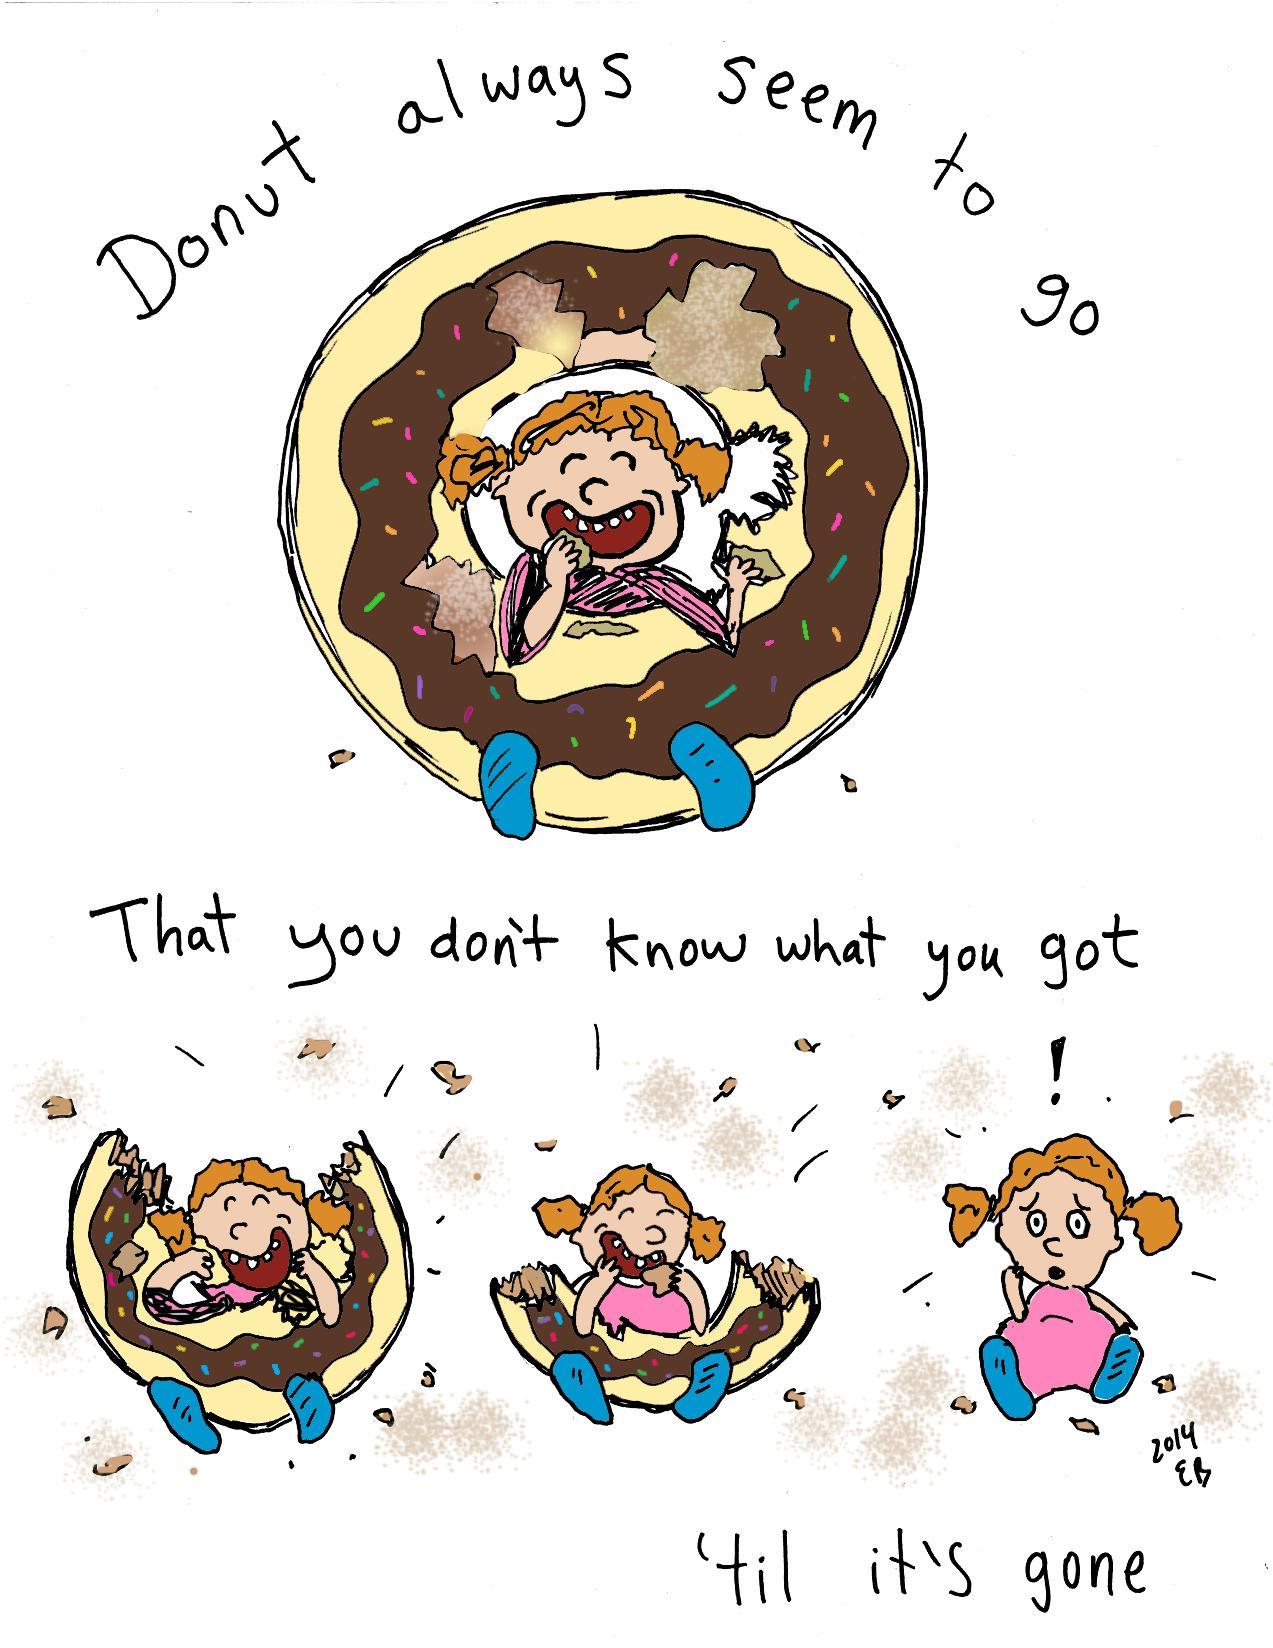 Donut seem to go